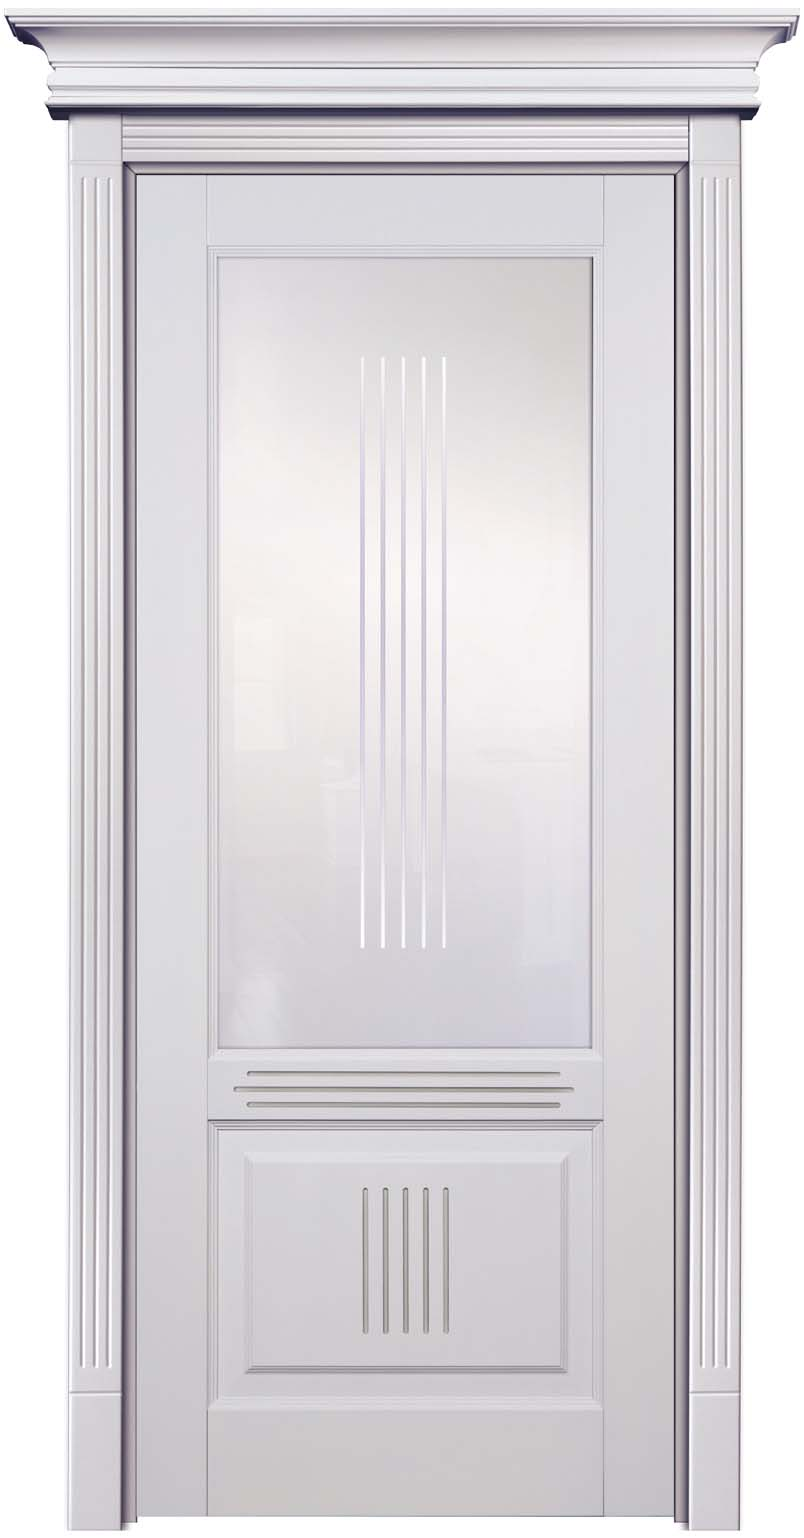 Остекленная крашеная эмалью дверь из натурального массива дерева бук - Державин Лен с патиной Иней